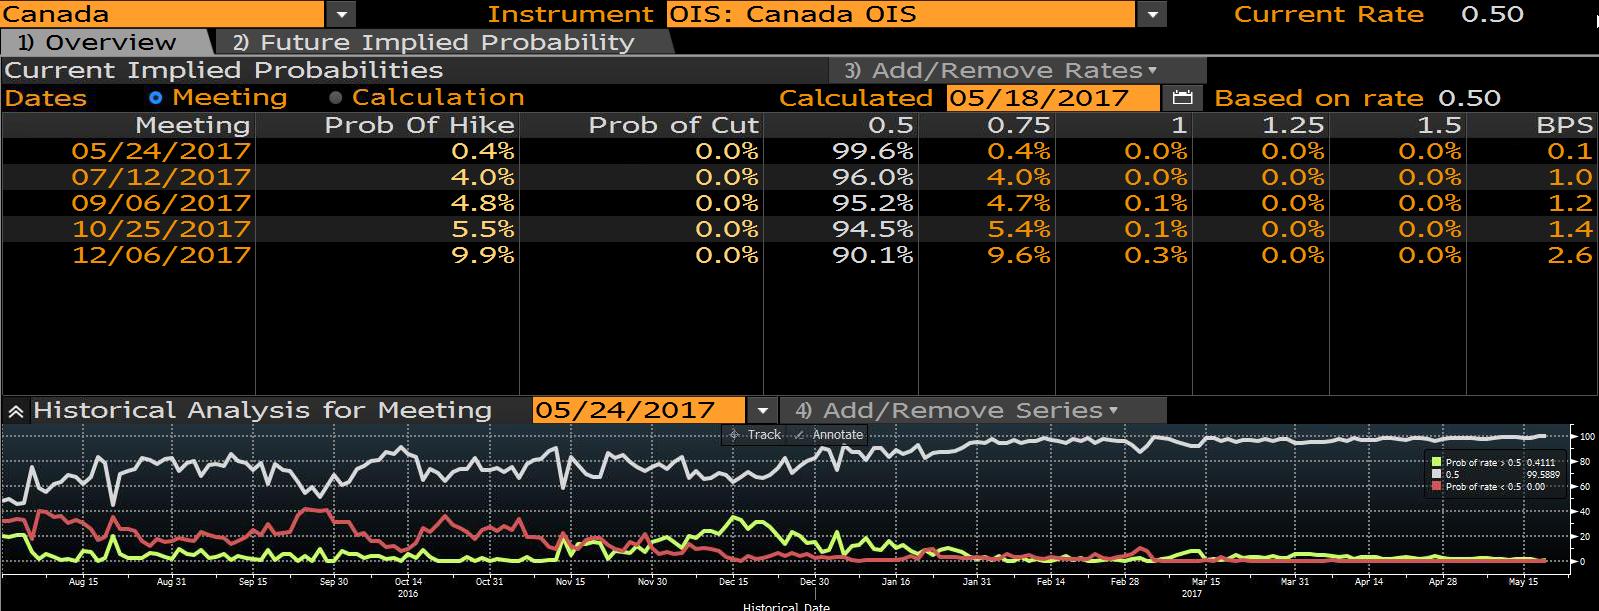 Prawdopodobieństwo podwyżki stóp procentowych w Kanadzie